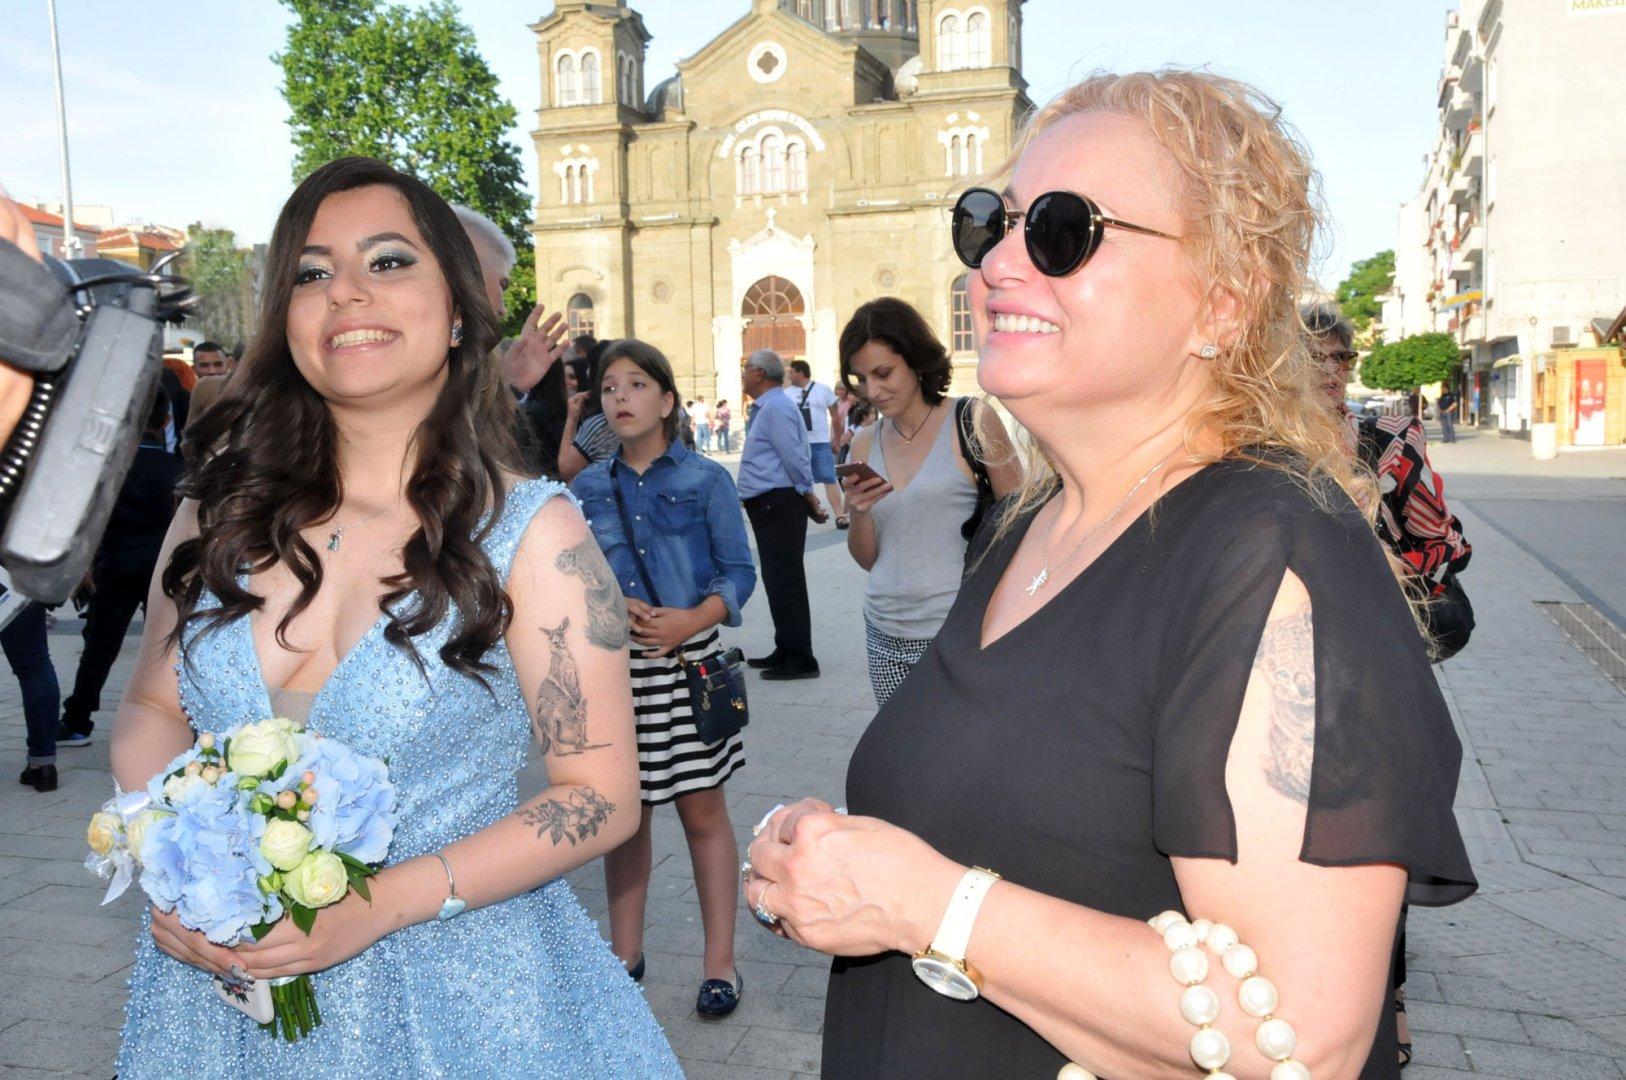 Дъщерята на Тони Димитрова - Магдалена избра да празнува със съучениците си от СУ Св. св. Кирил и Методий. Снимки Лина Главинова